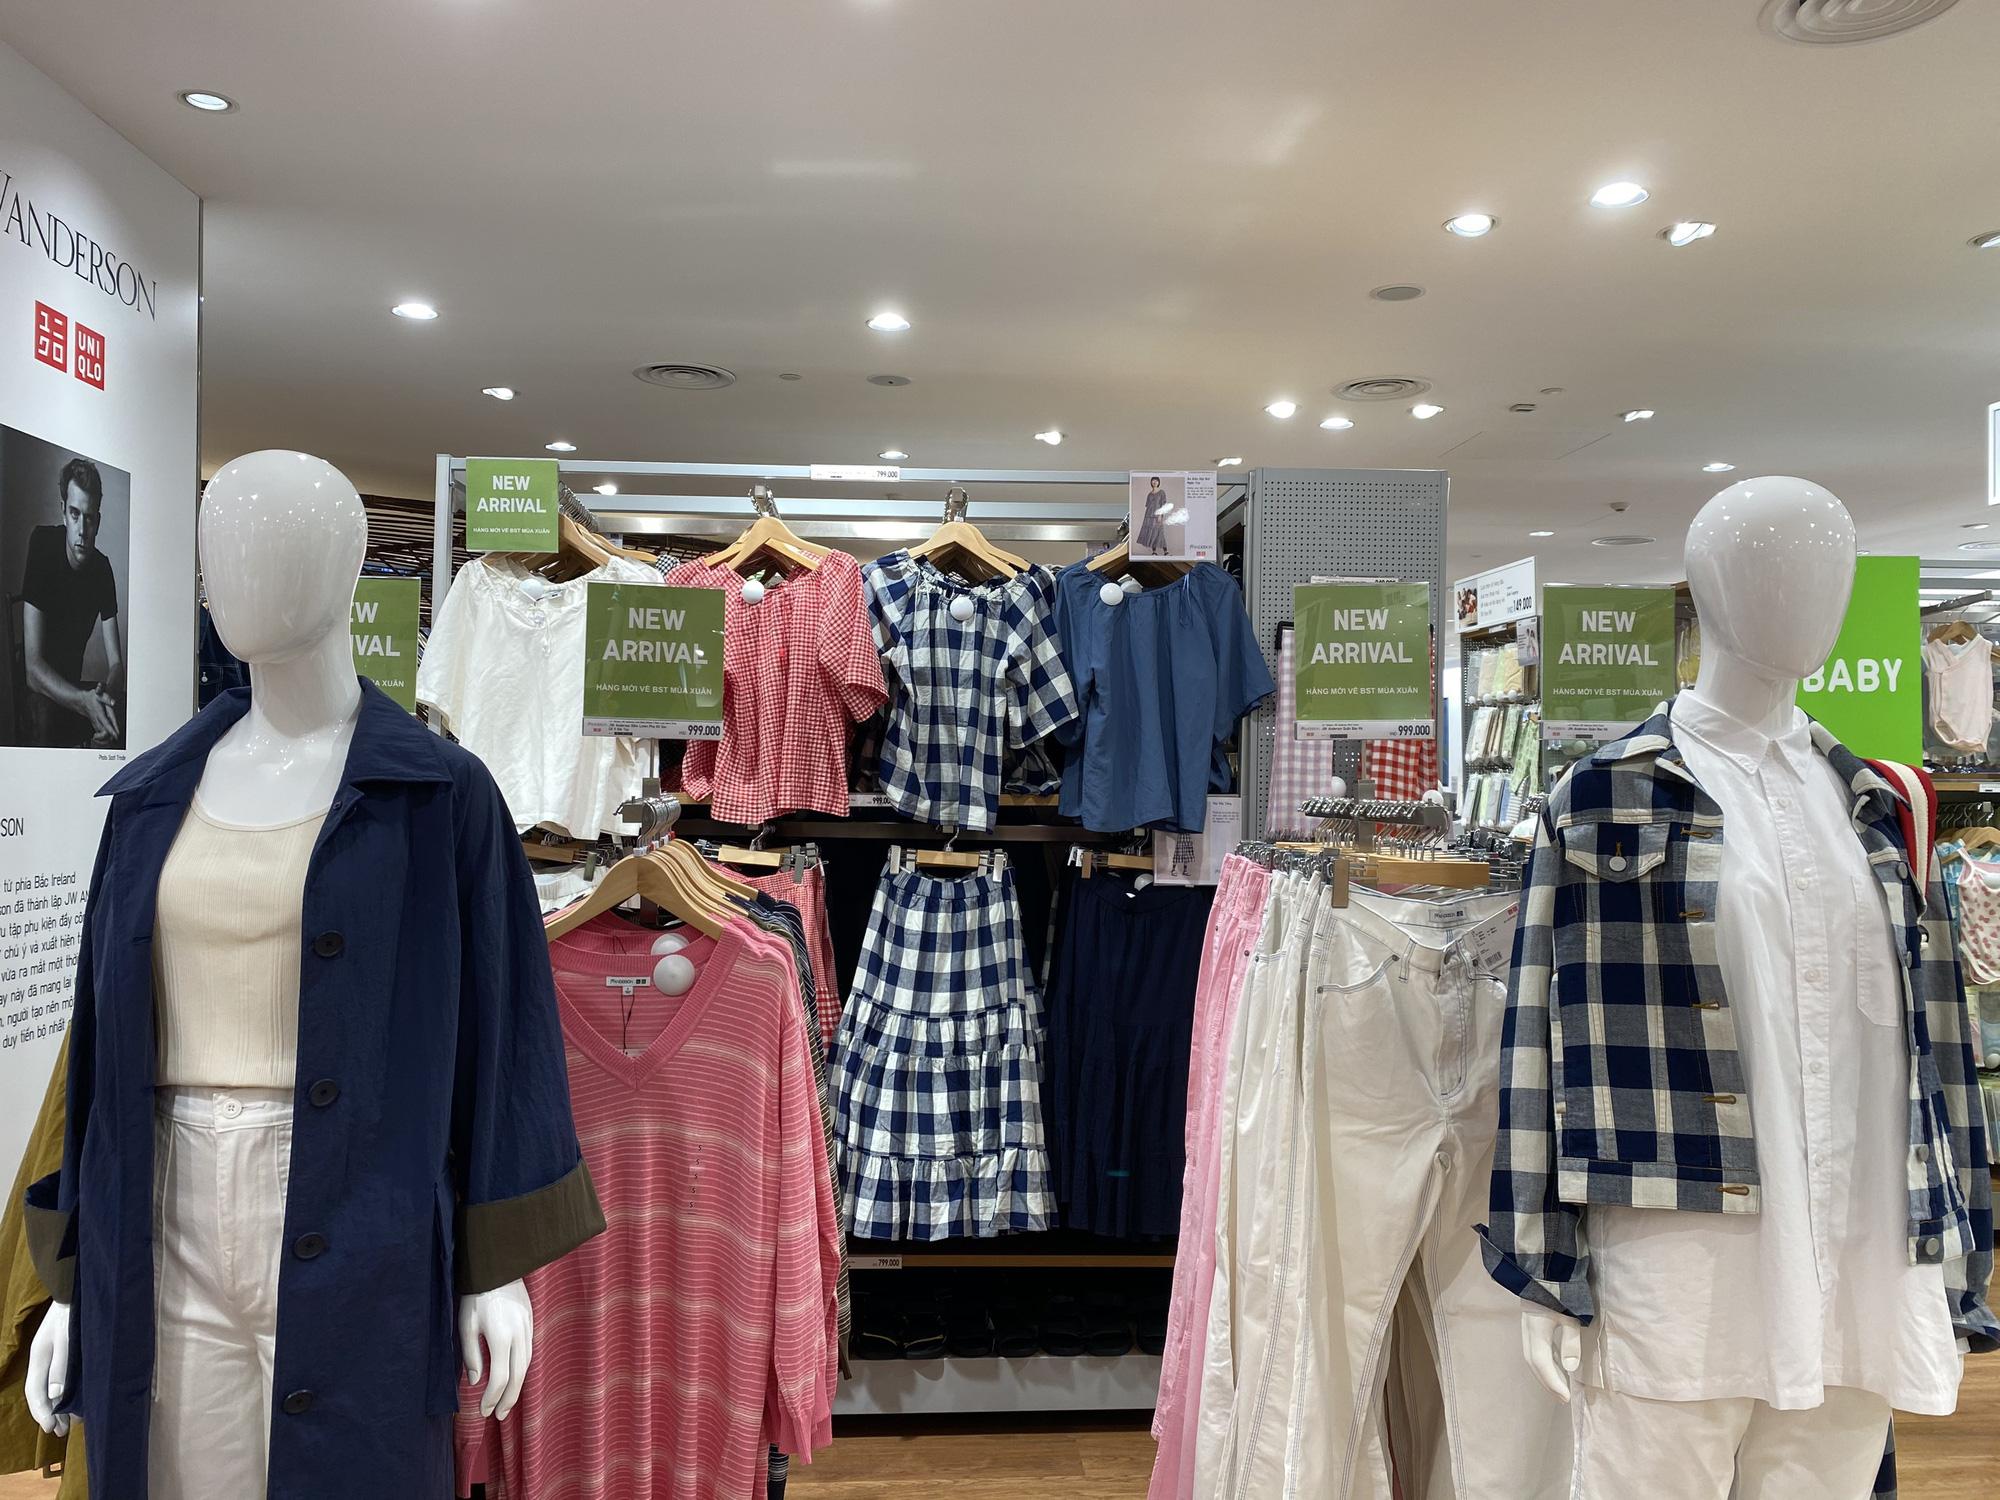 Uniqlo Hà Nội sau 1 tuần khai trương, khách hàng vẫn tới trải nghiệm mua sắm dù đang có dịch bệnh - Ảnh 12.